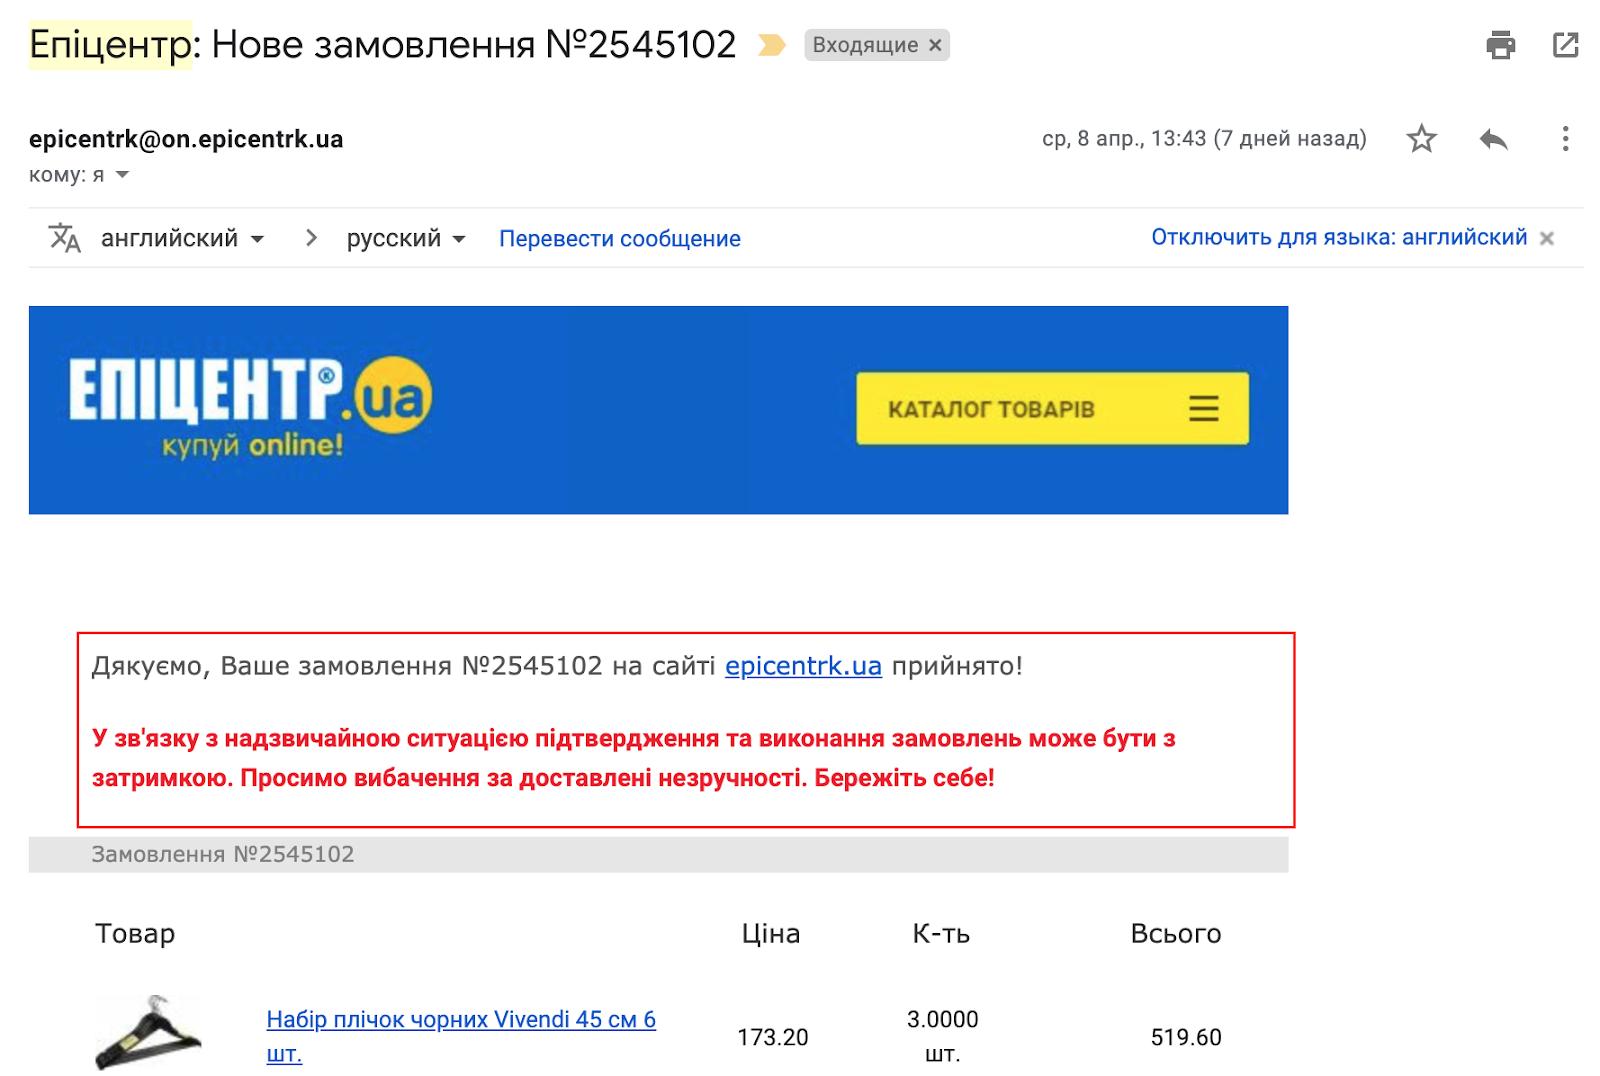 Вот крупный гипермаркет в транзакционное письмо добавил сообщение, что заказы могут задерживаться. И правда, отправку задержали почти на неделю